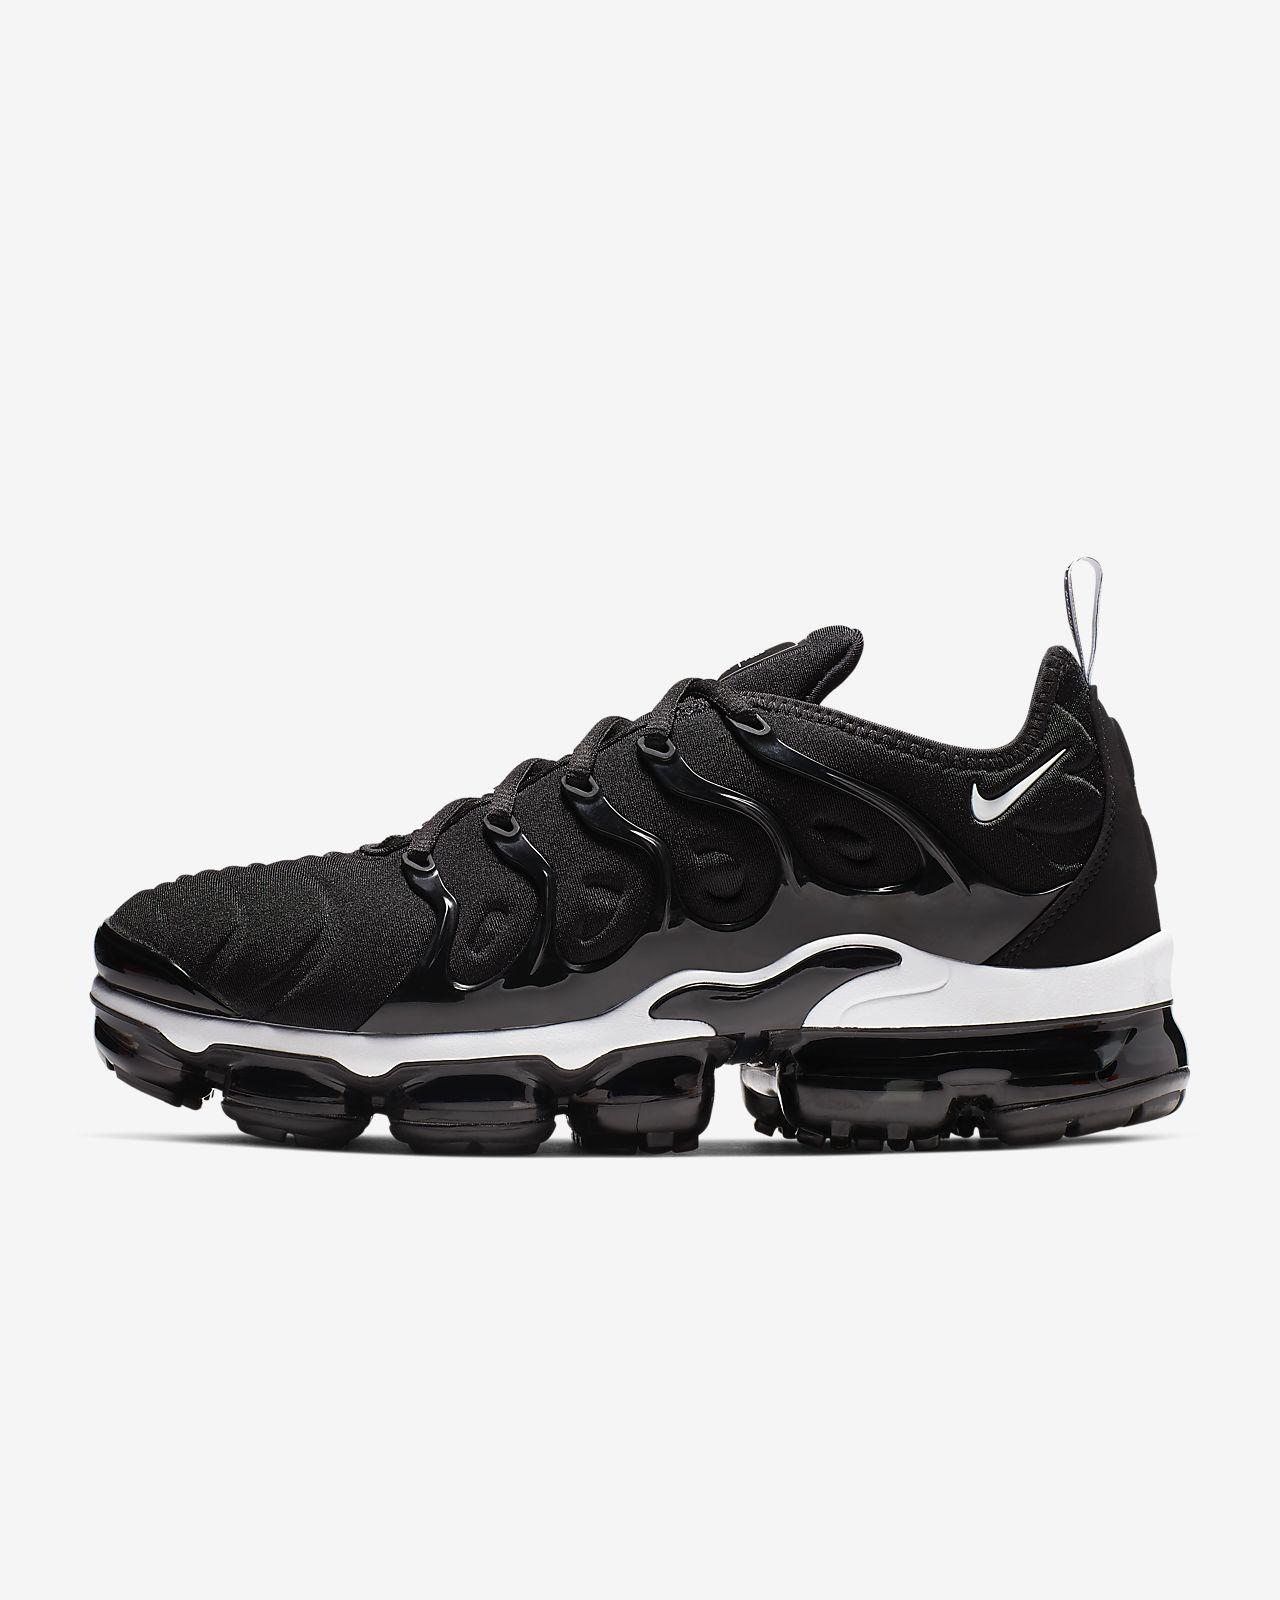 finest selection 93fce a53e4 ... Nike Air VaporMax Plus-sko til mænd